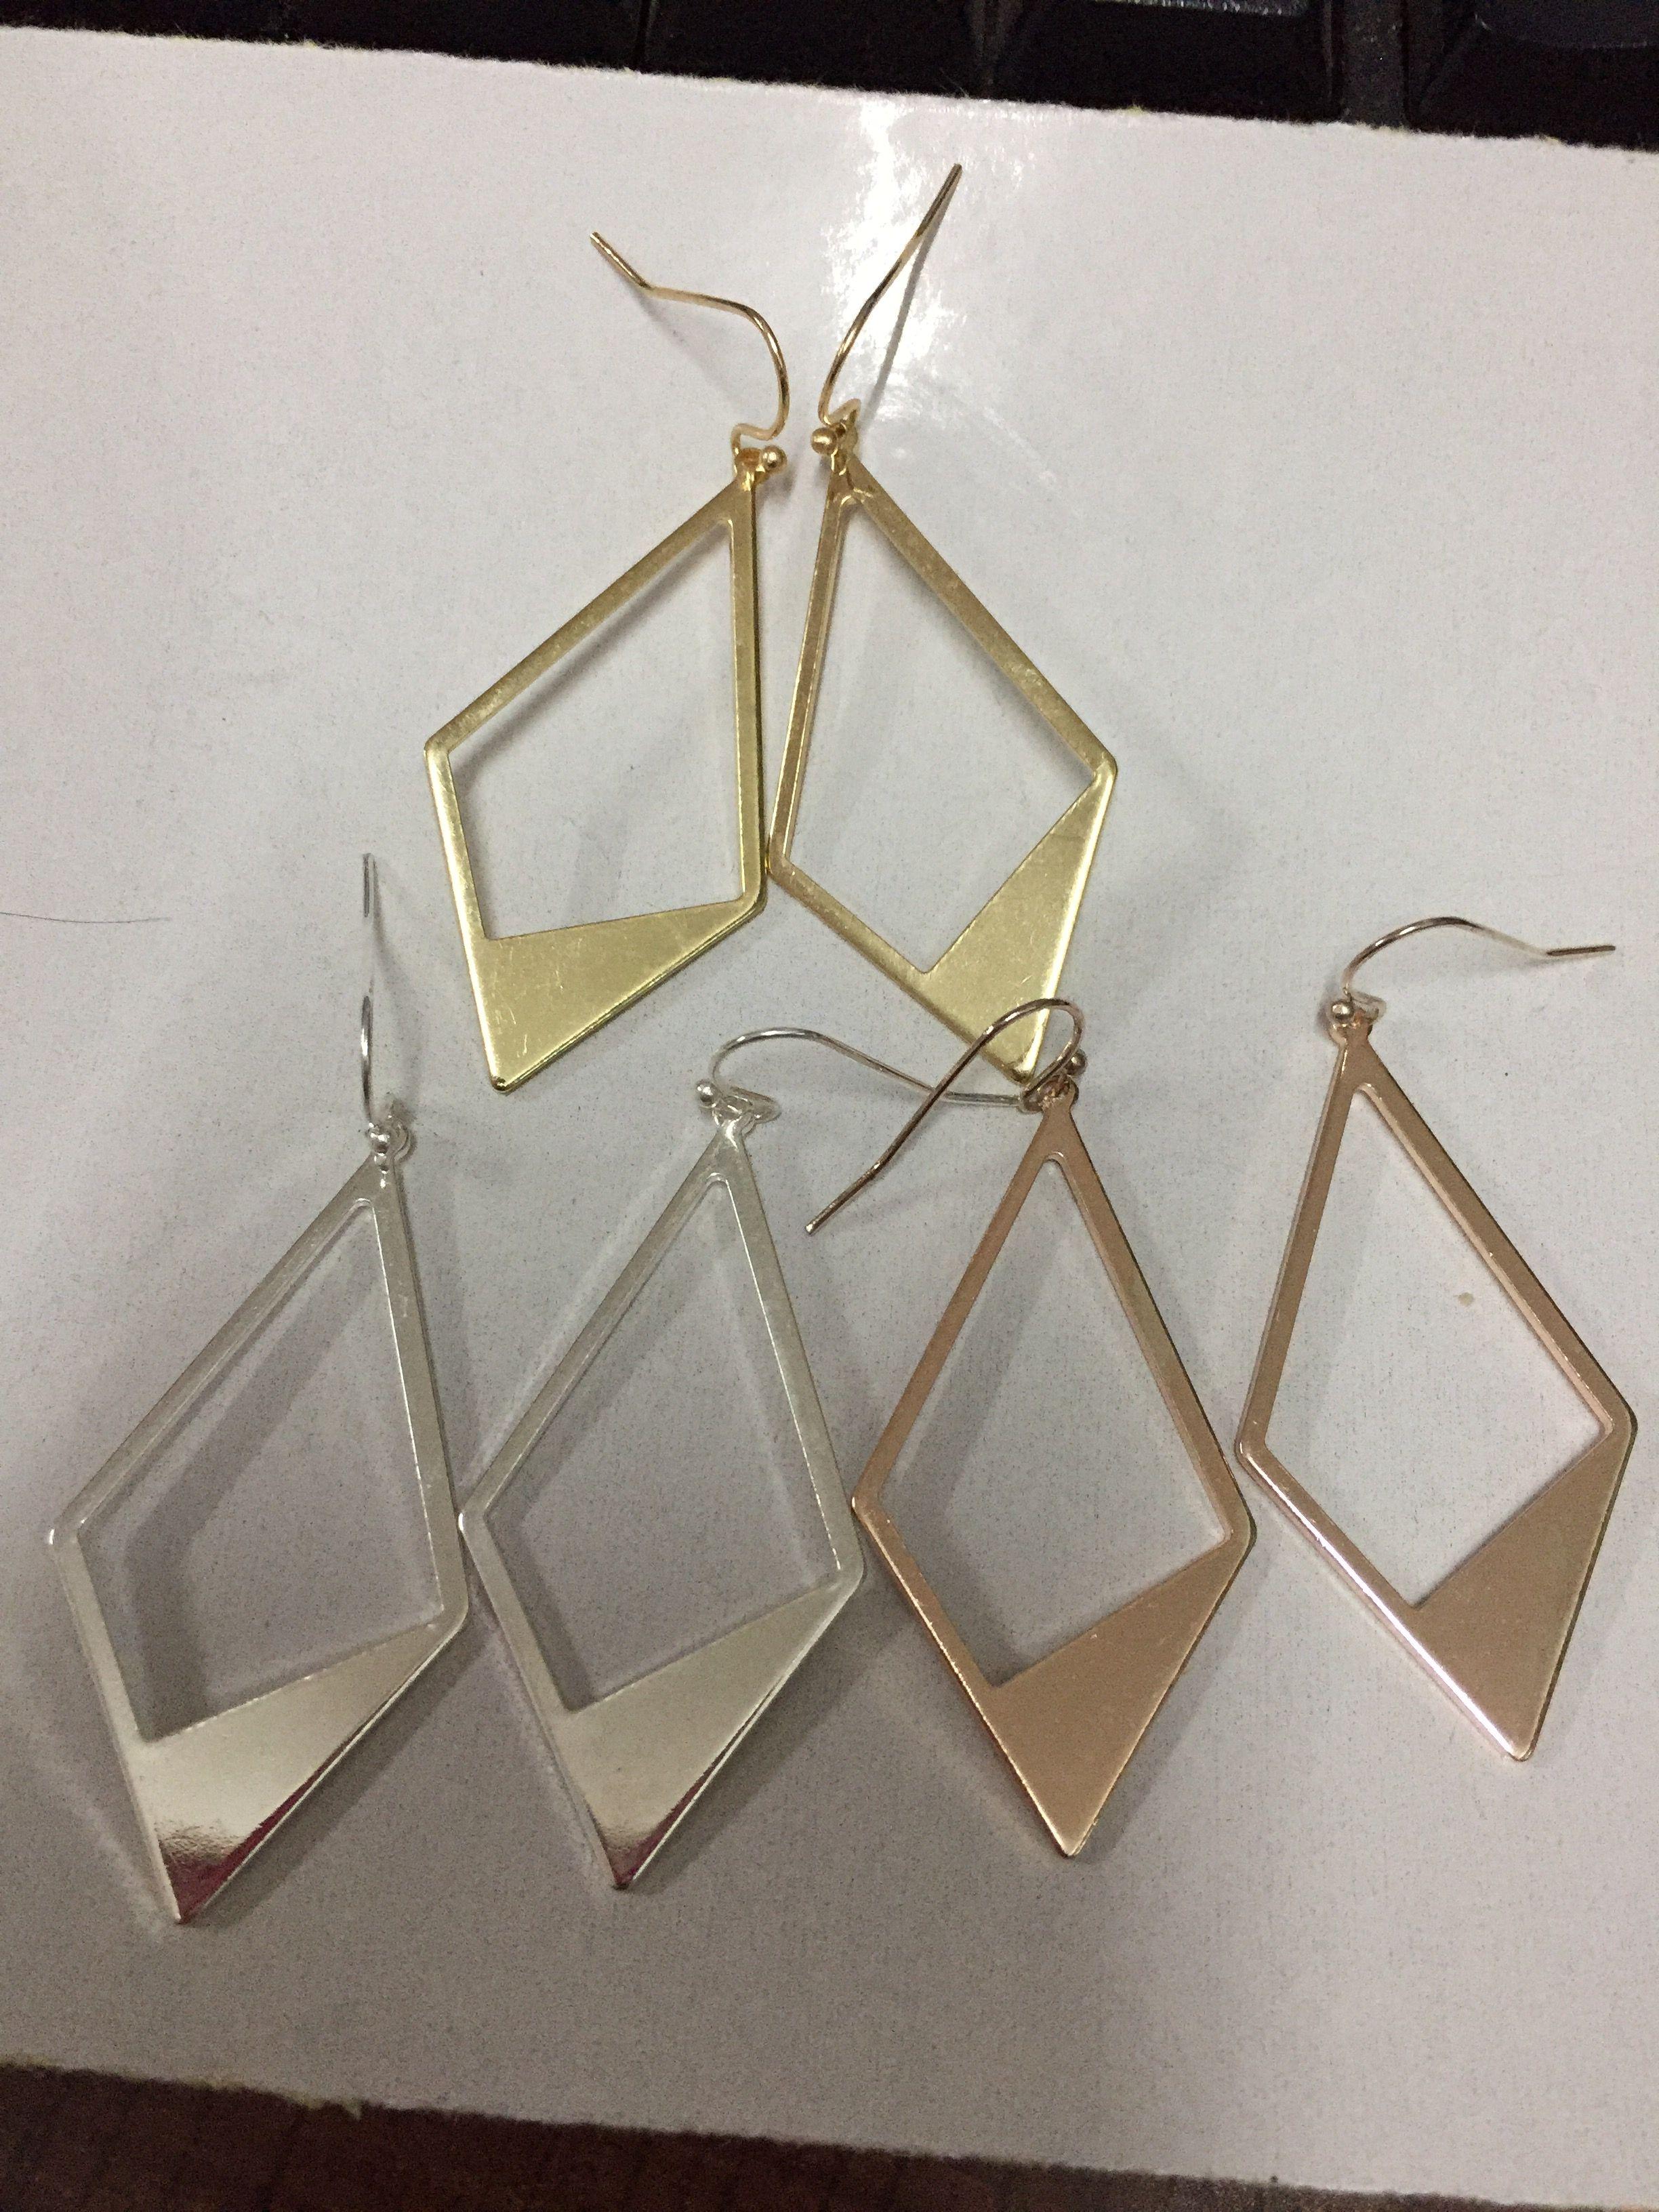 059deb856c0e Compre Moda Hueco Forma De Rombo De Cobre Pendientes De Gota Geométricos  Para Las Mujeres Únicos Pendientes De Declaración De Metal Pulido 2019  Primavera ...